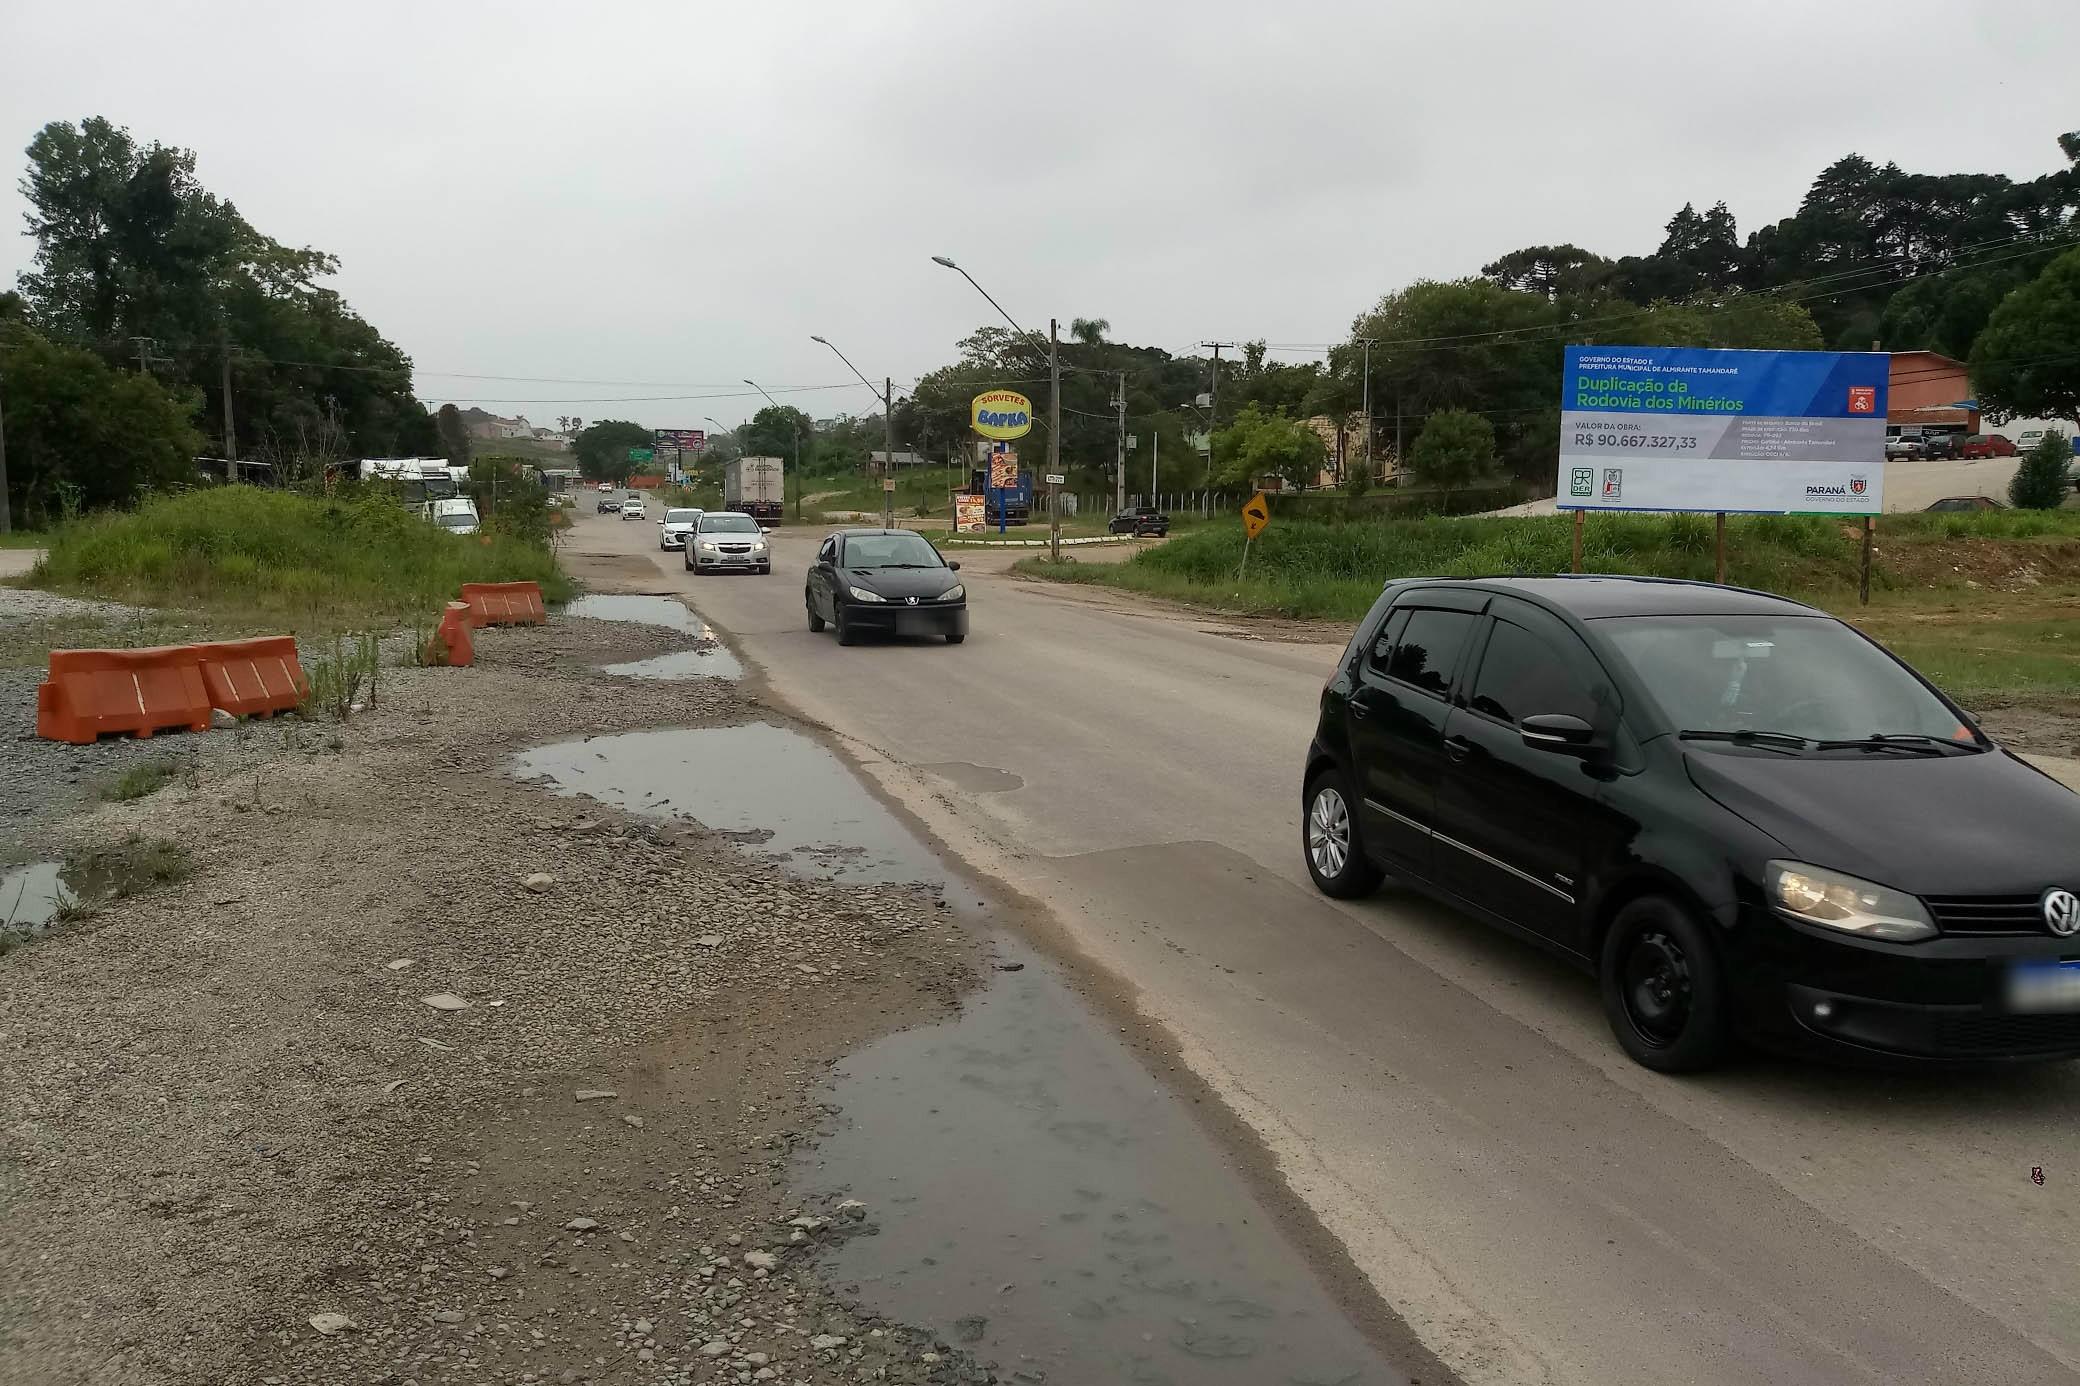 Obras de duplicação da Rodovia dos Minérios vão causar alterações no trânsito, em Curitiba